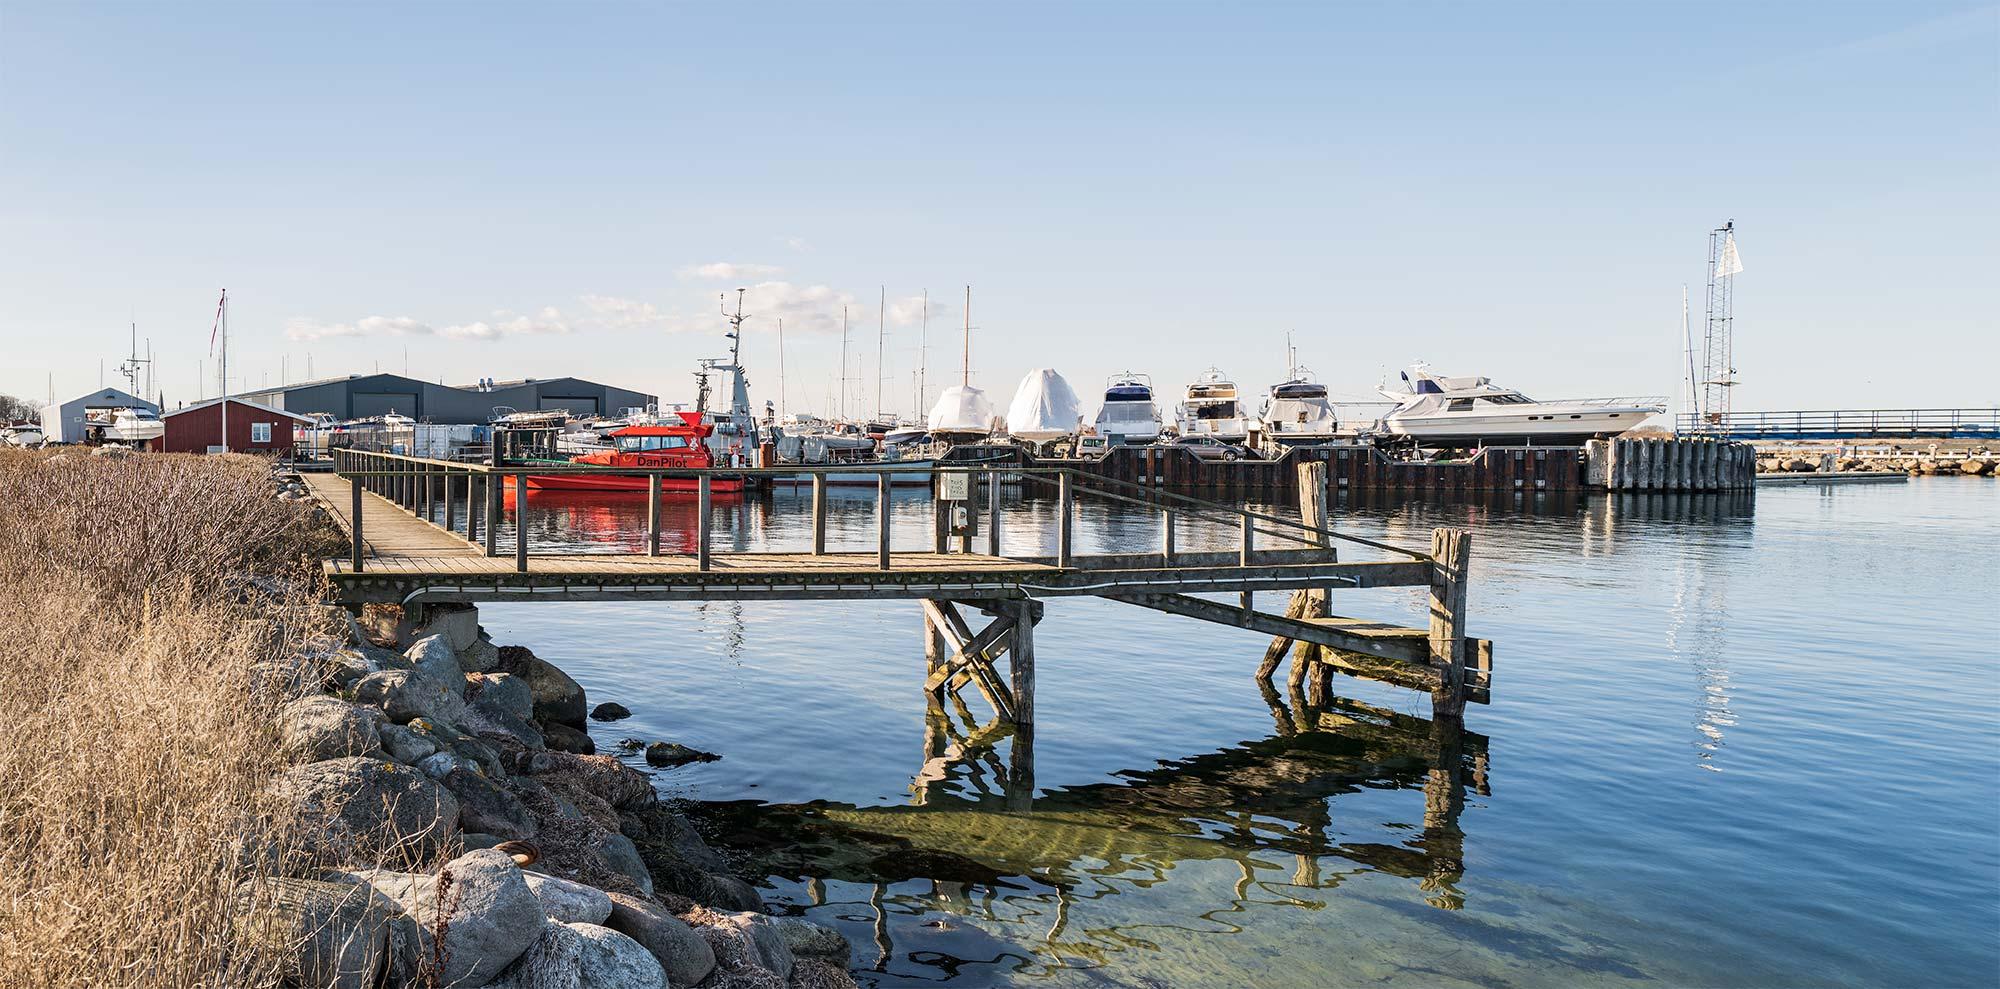 Gangbroen på sandtangen imellem lystbådehavnen og færgehavnen hvor WeSail har søgt om lov til at etablere bådudlejning. Arkivfoto: TorbenStender.